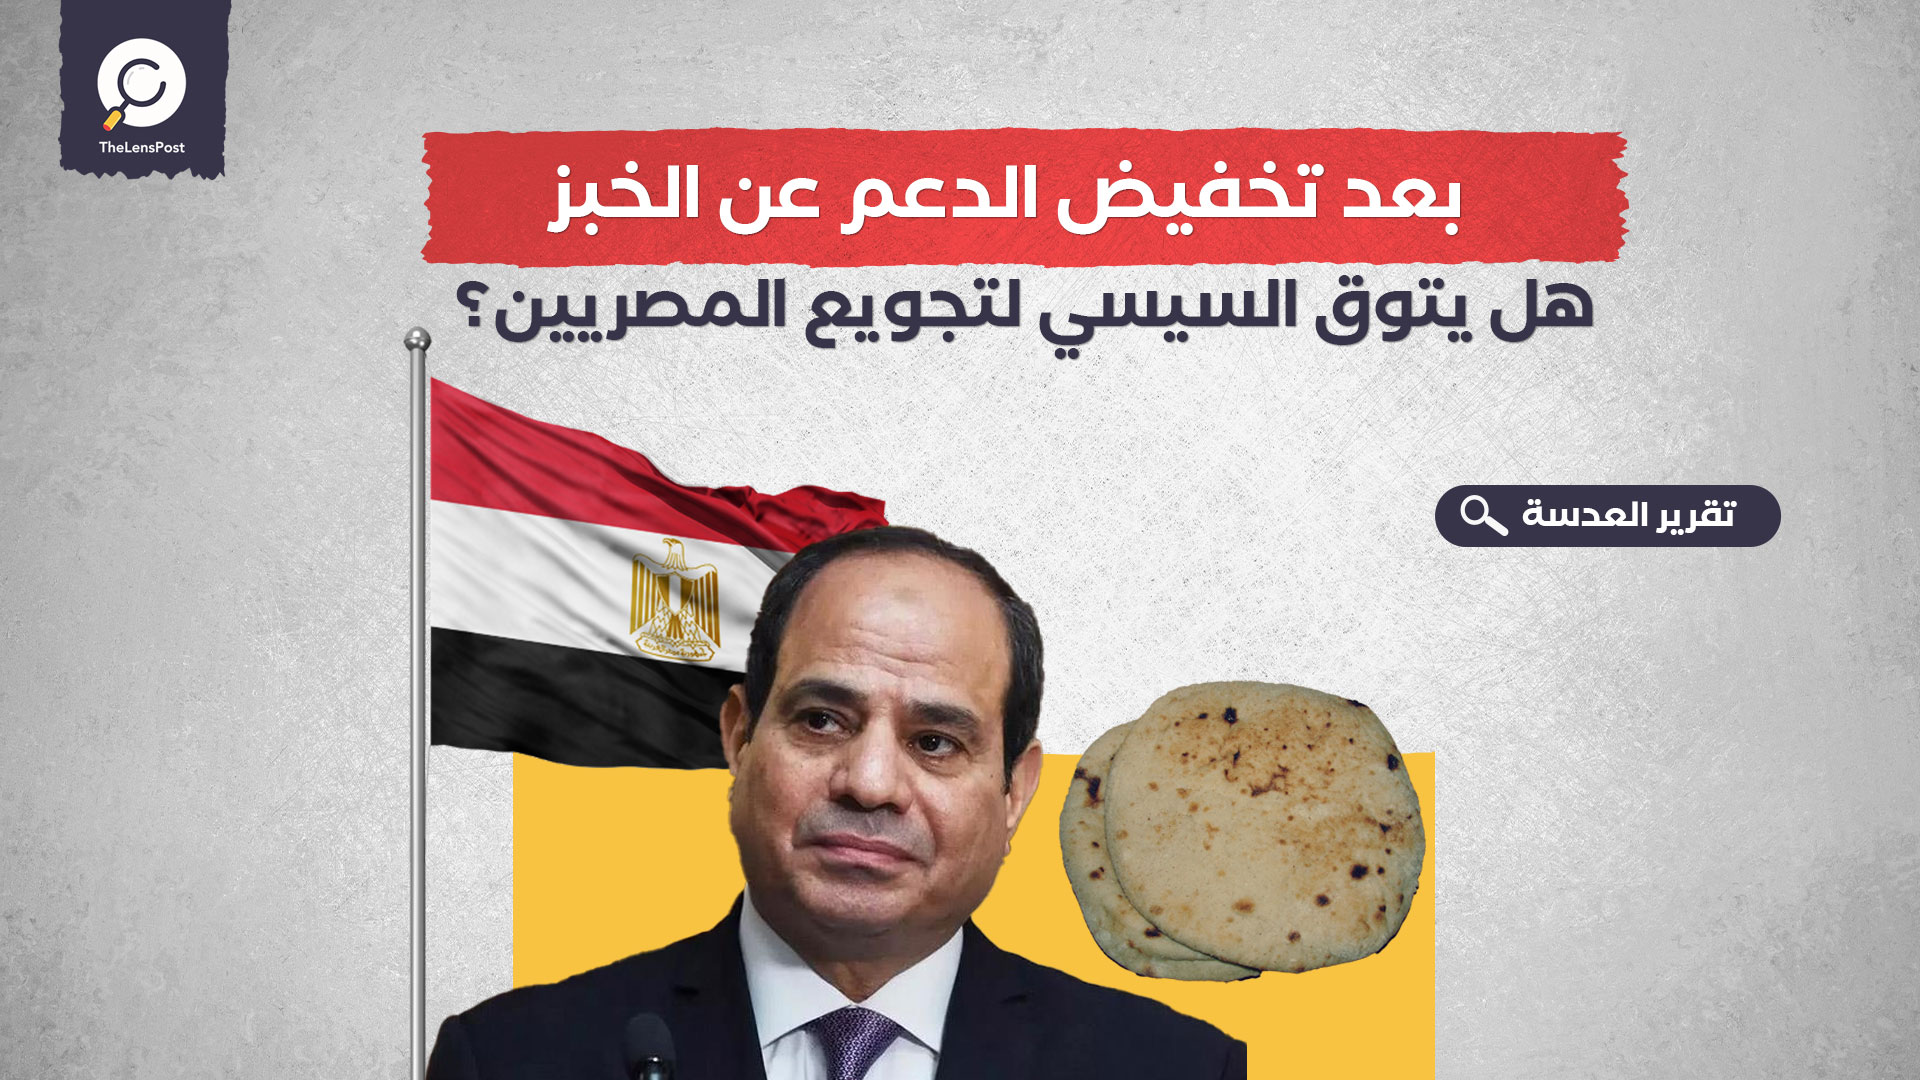 بعد تخفيض الدعم عن الخبز.. هل يتوق السيسي لتجويع المصريين؟